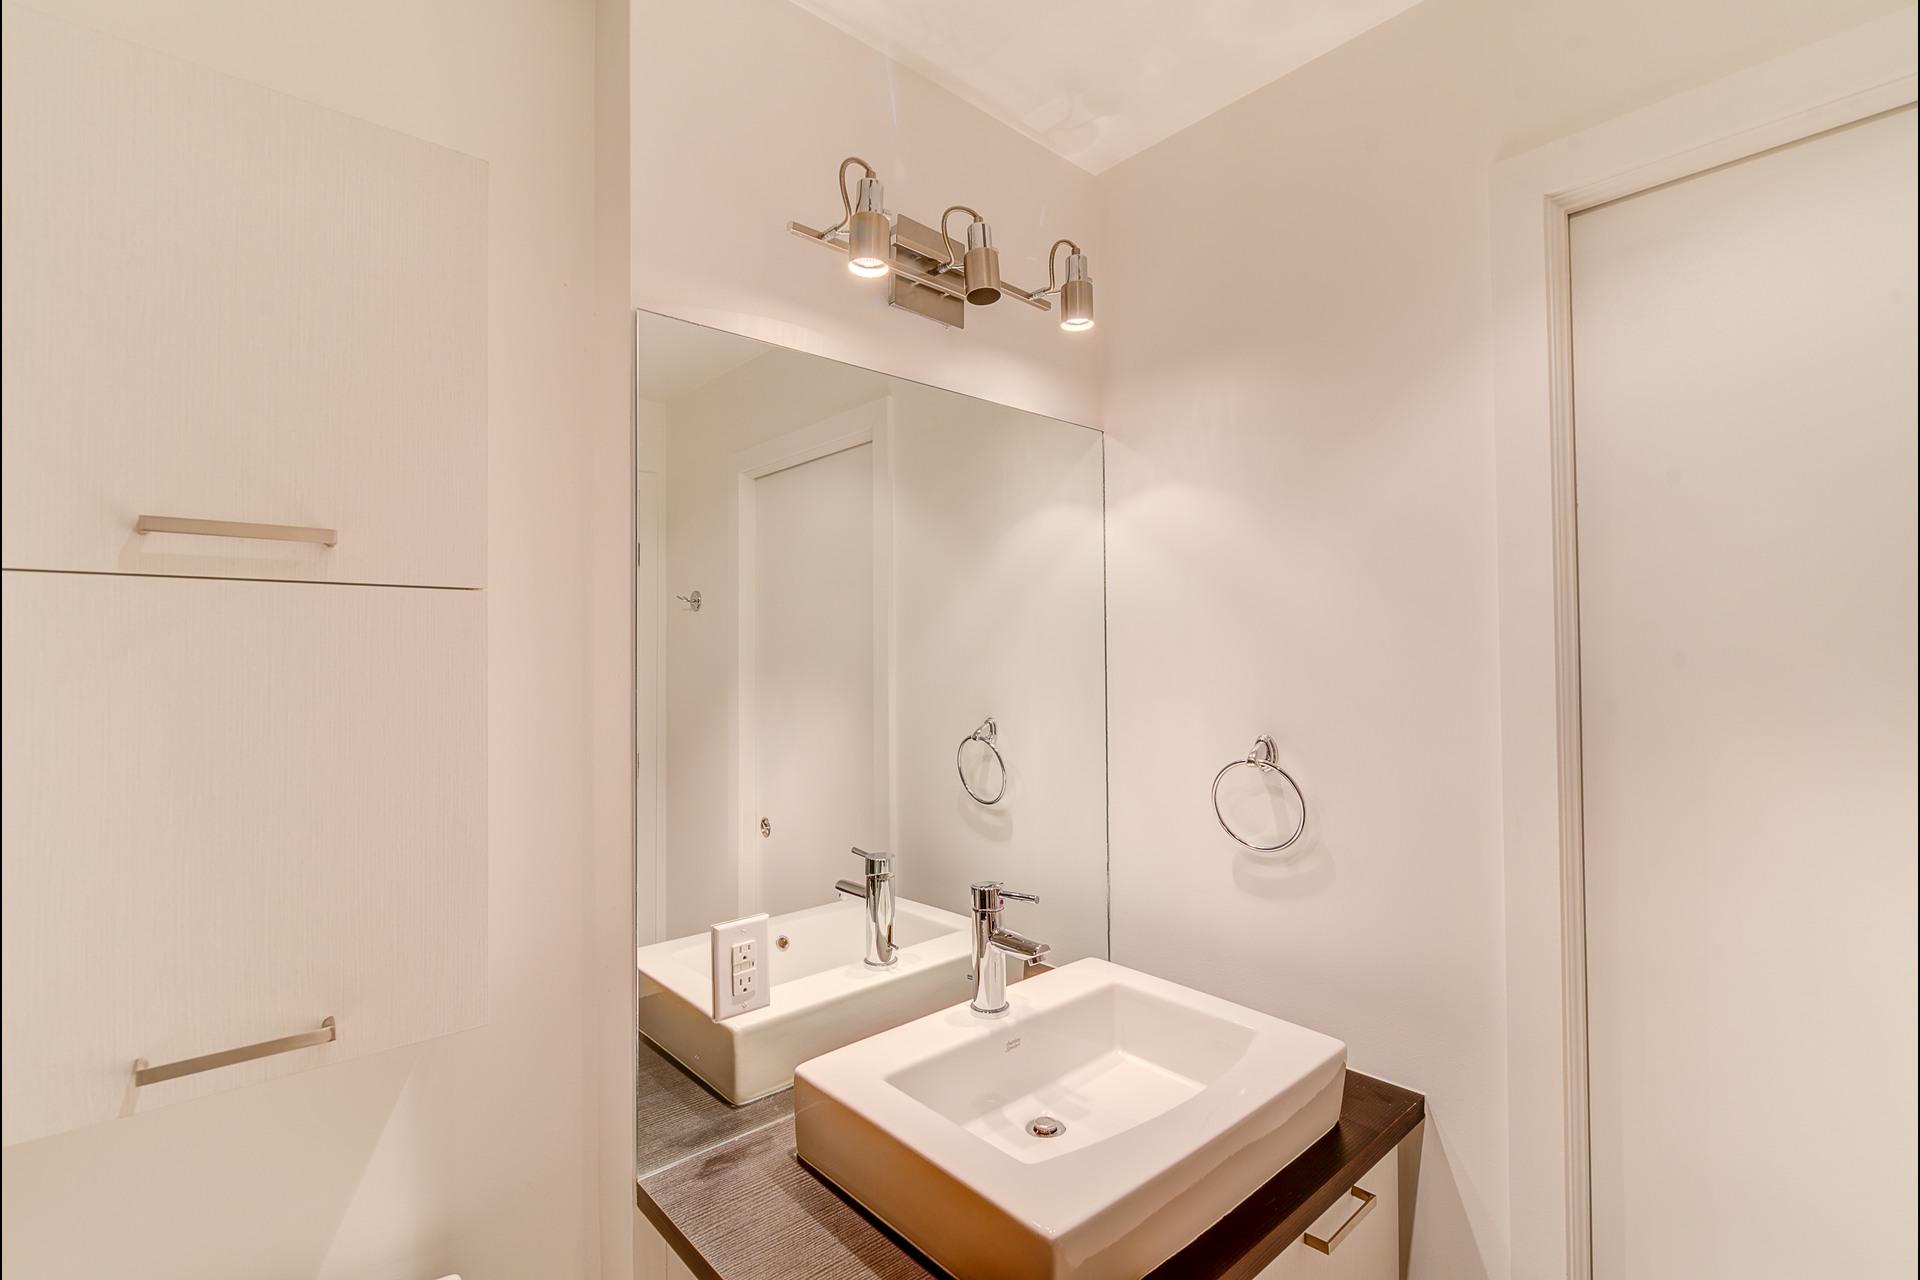 image 16 - Condo For rent Montréal - 3 rooms